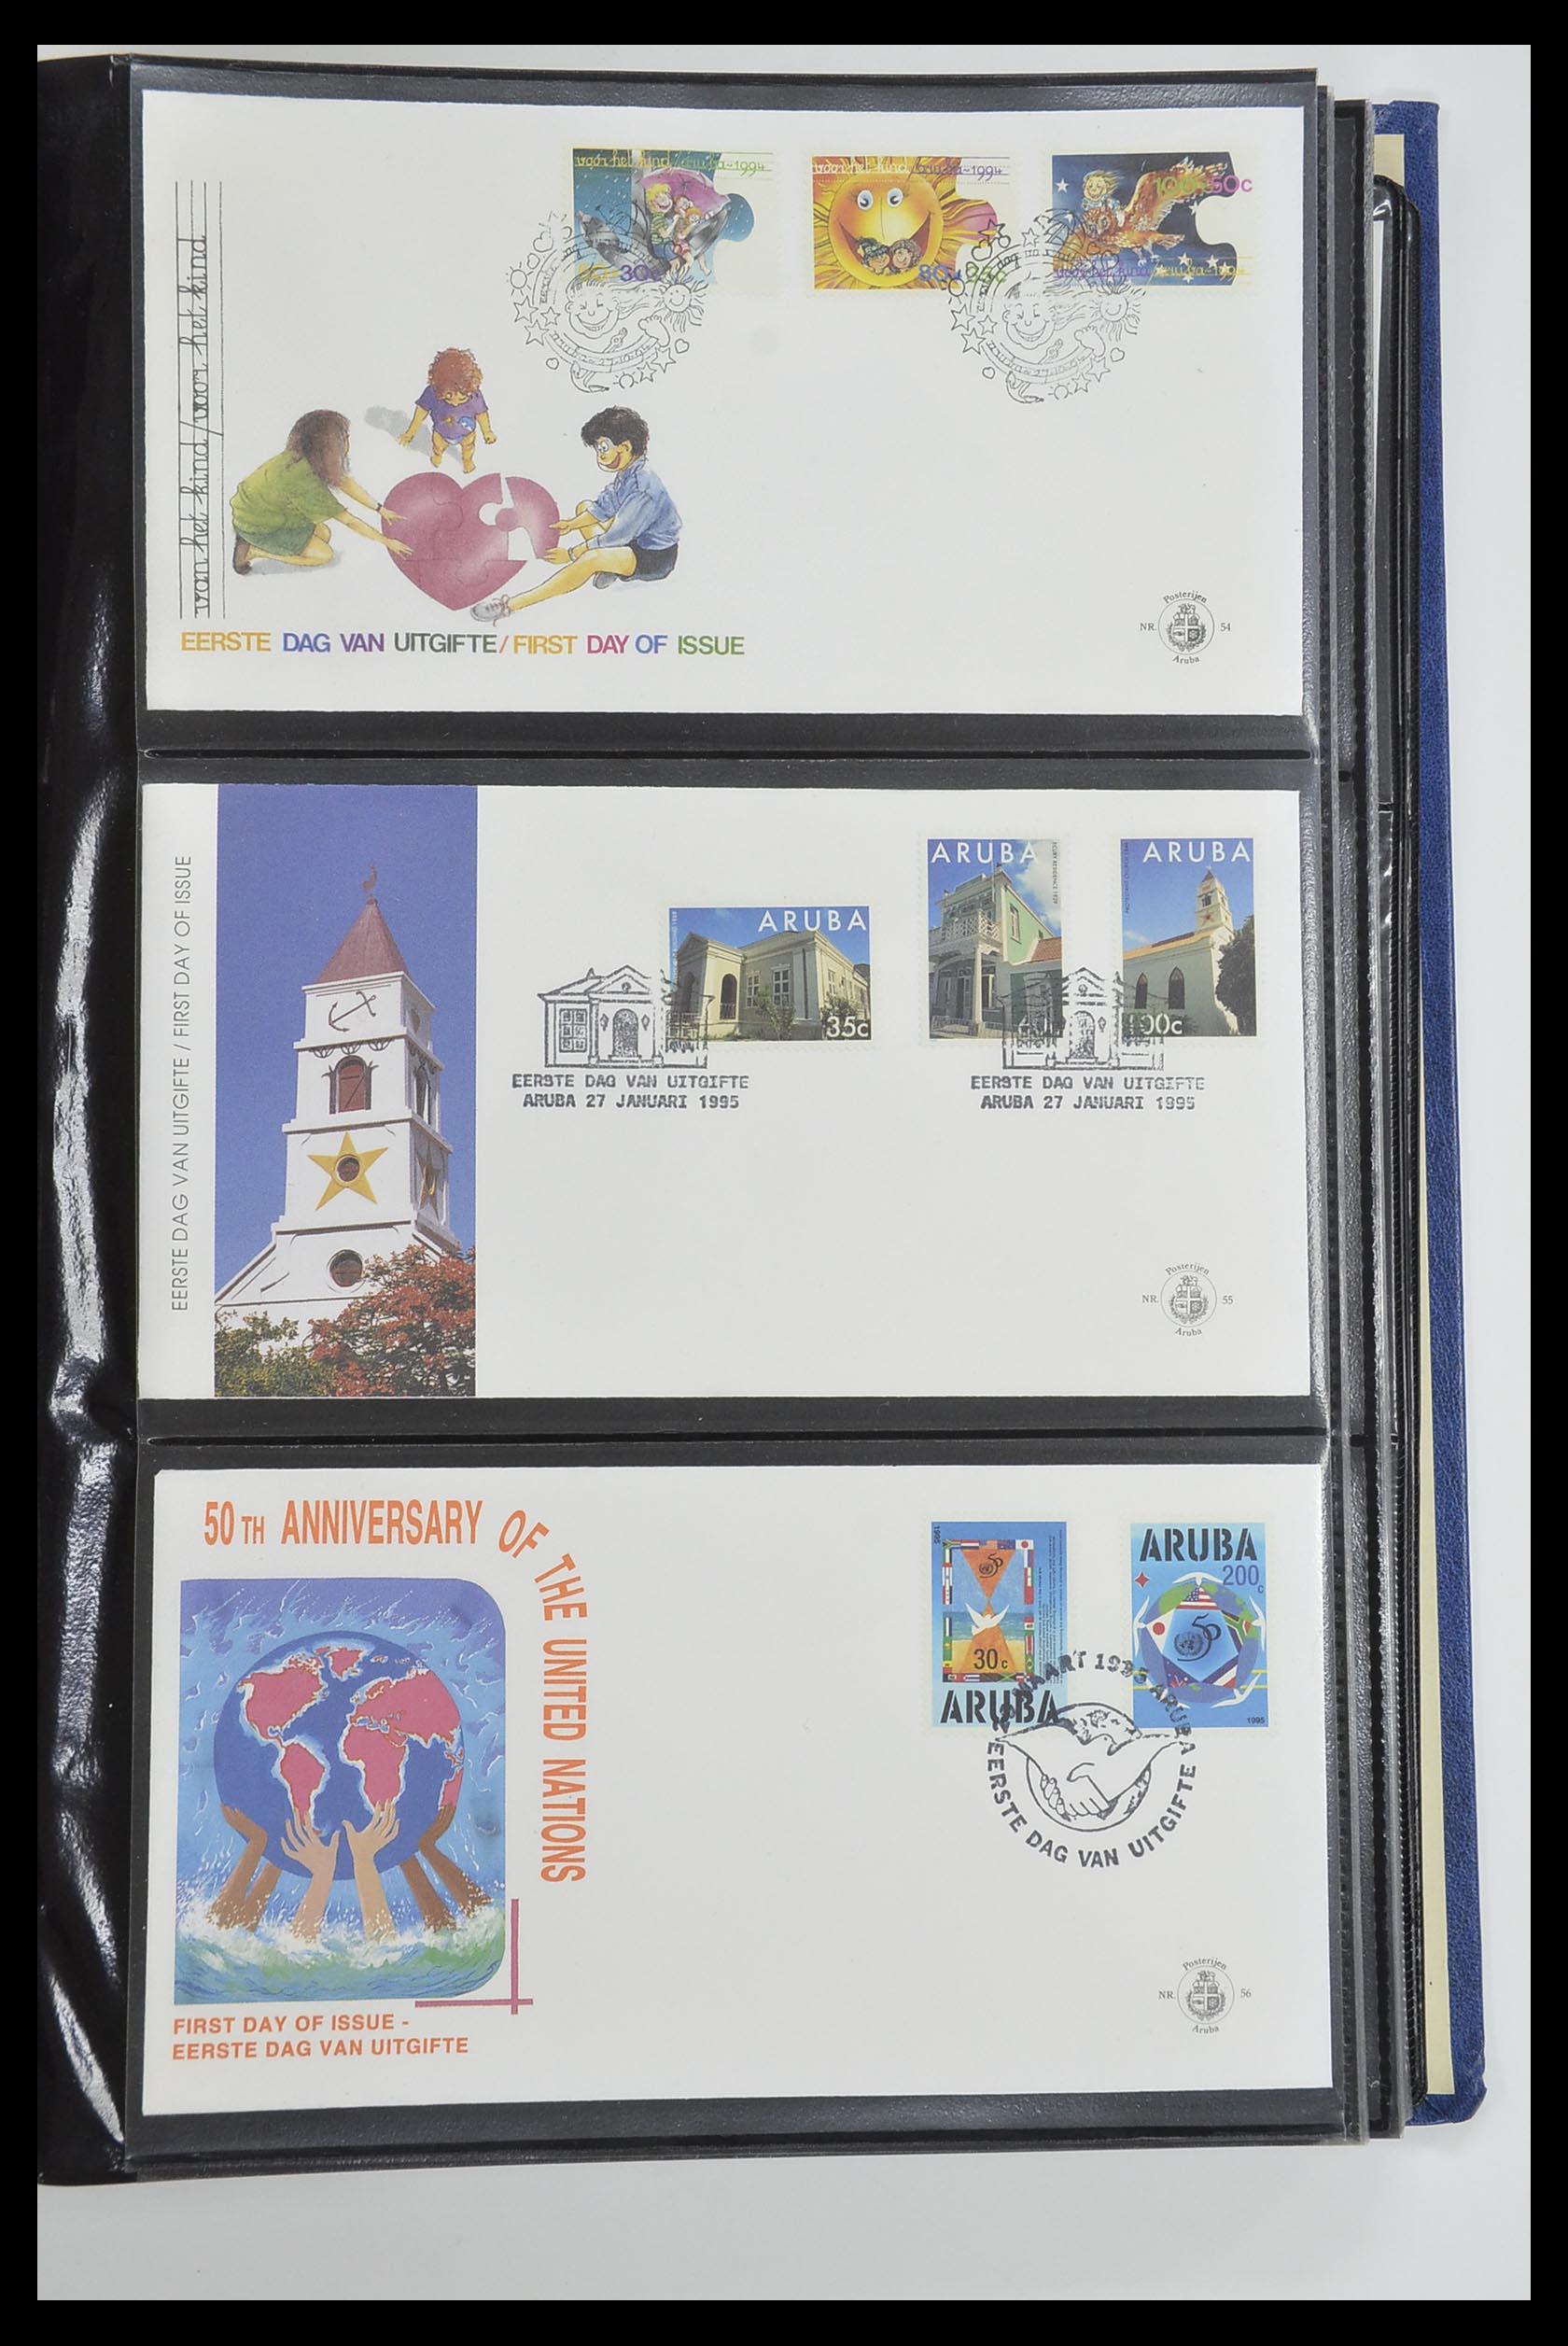 33585 019 - Postzegelverzameling 33585 Aruba FDC's 1986-2006.